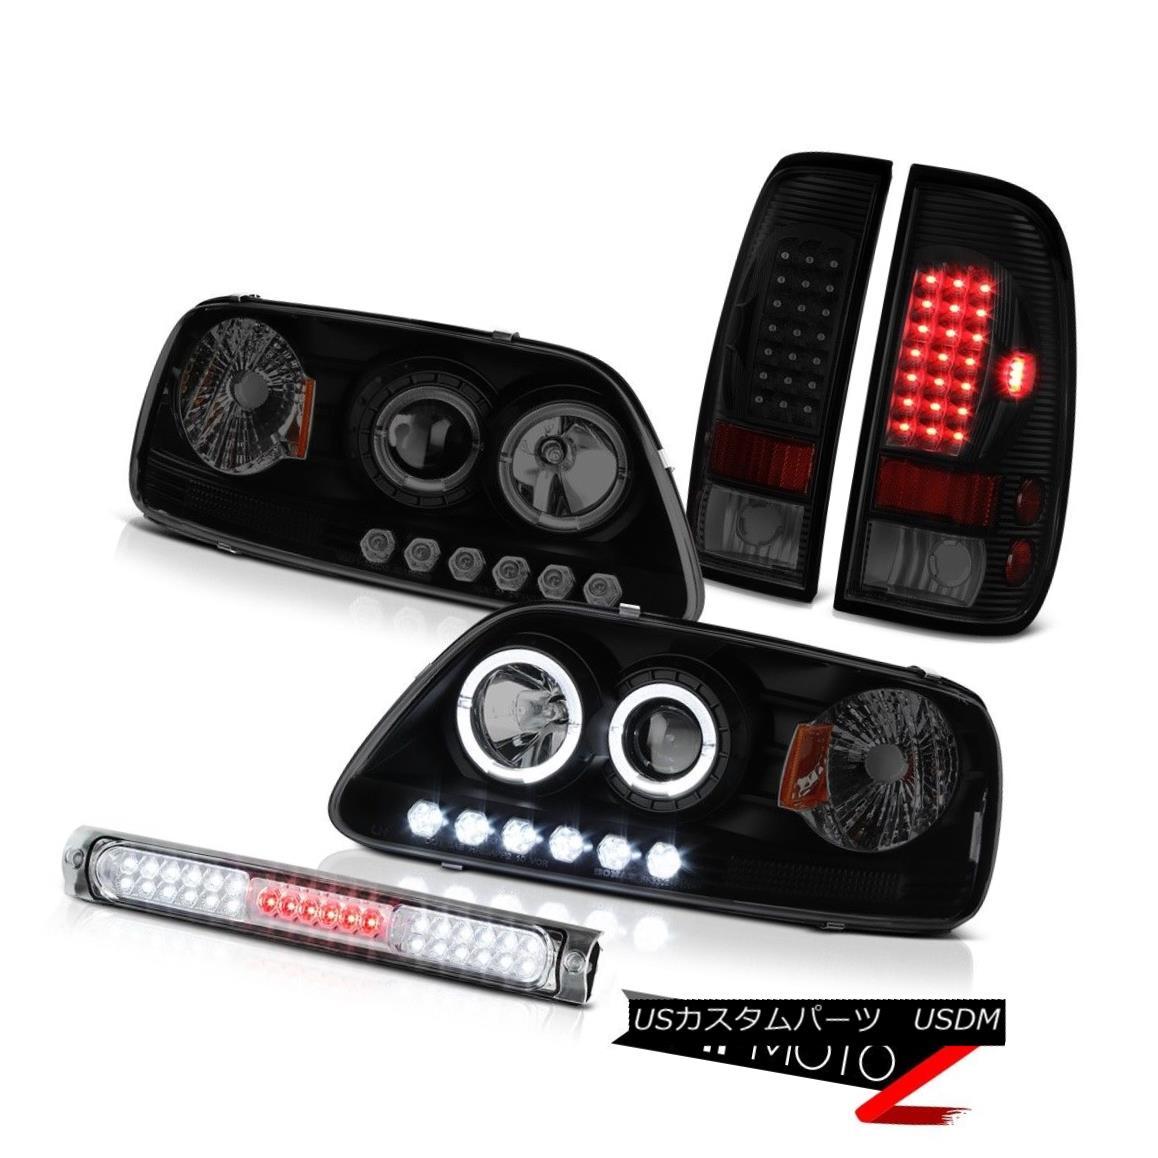 ヘッドライト 97-03 F150 Harley Davidson 3RD Brake Lamp Parking Lights Projector Headlights 97-03 F150ハーレーダビッドソン3RDブレーキランプパーキングライトプロジェクターヘッドライト